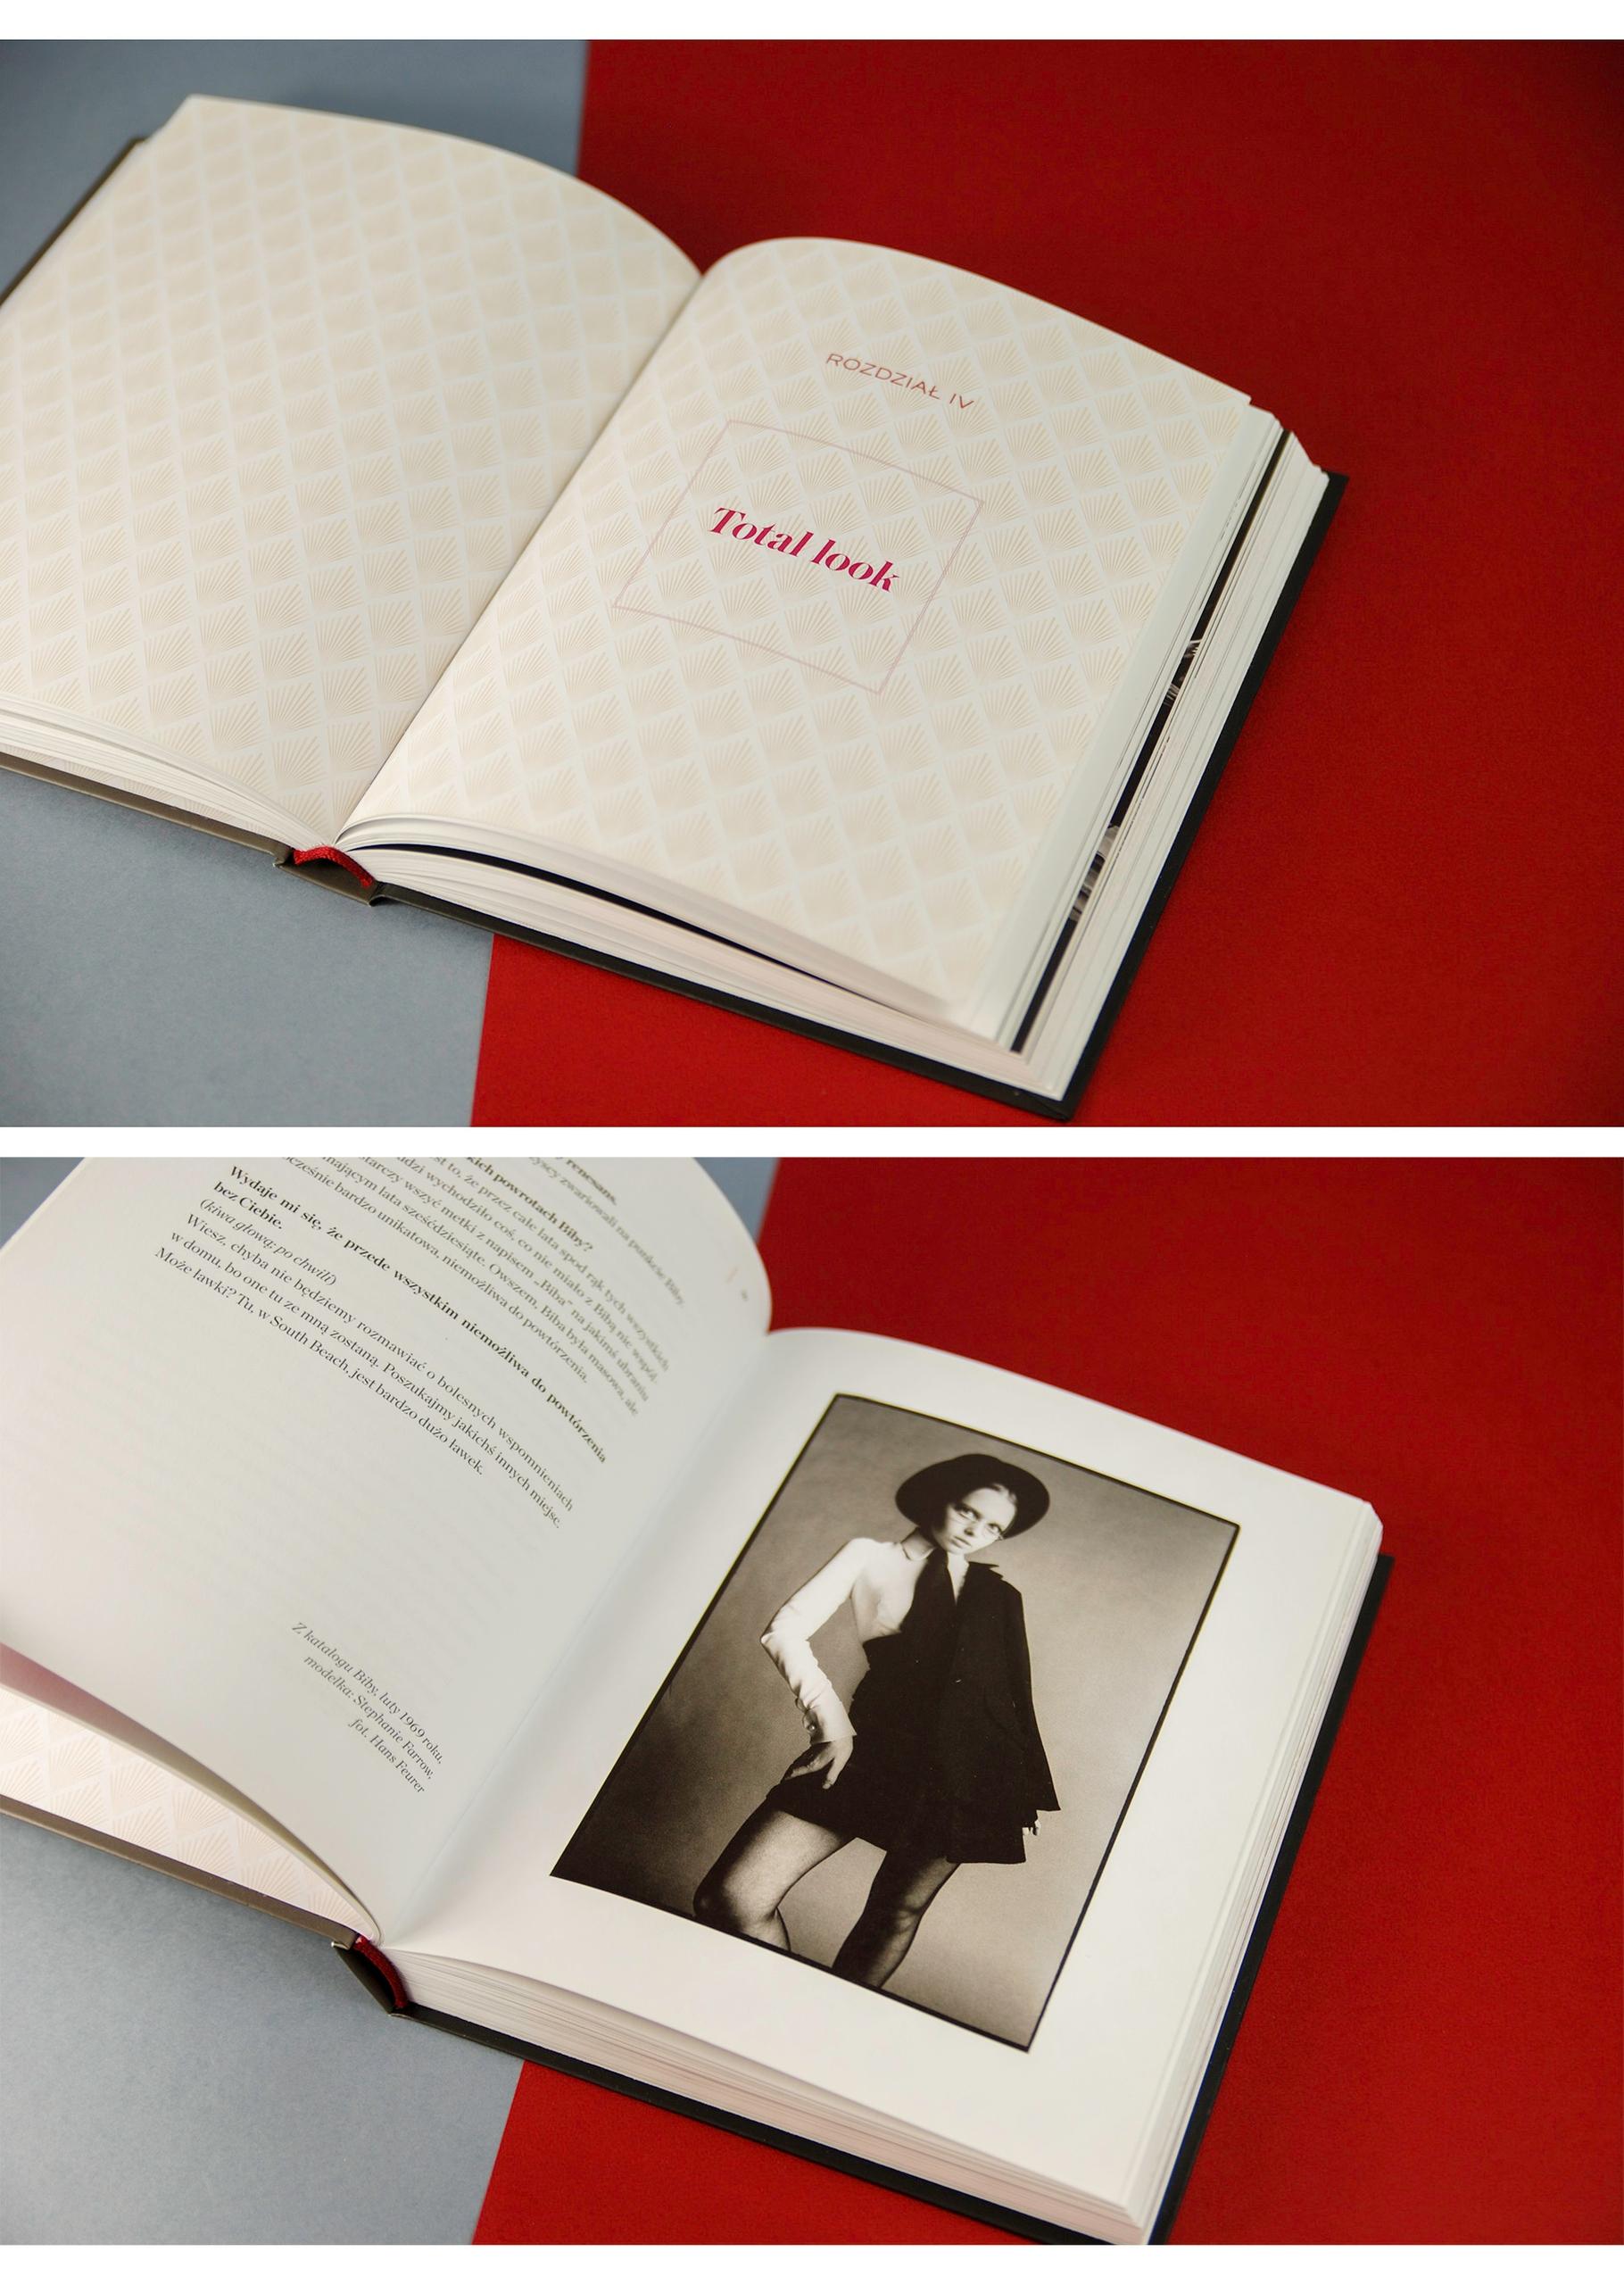 Obraz przedstawia dwa zdjęcia rozłożonej książki leżącej na niebiesko-bordowym podłożu.